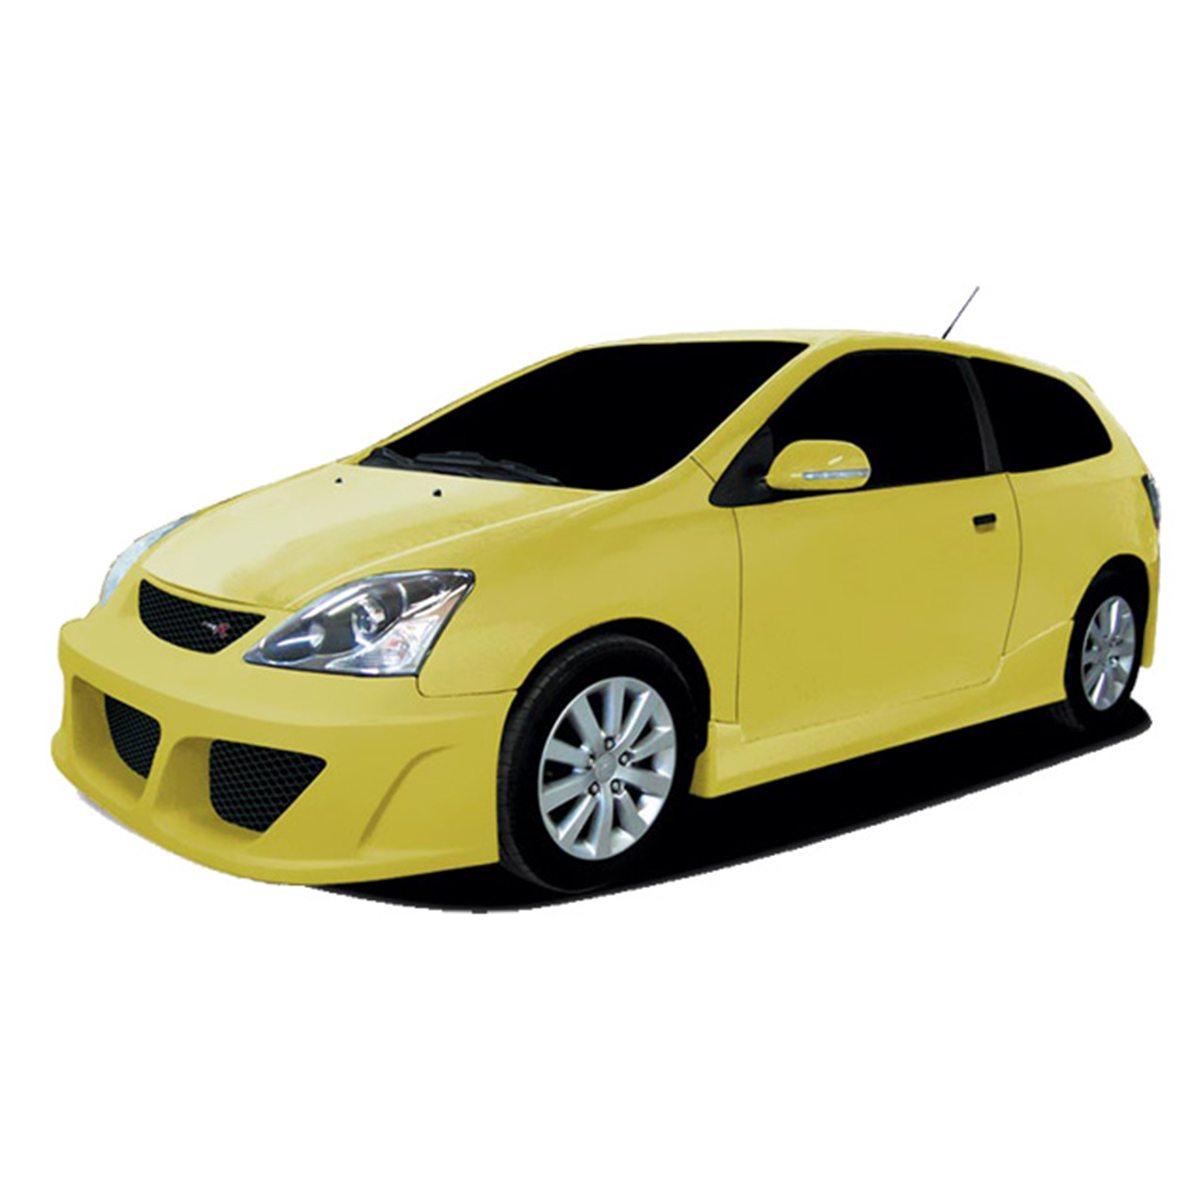 Honda-Civic-02-Blast-Frt-PCS097